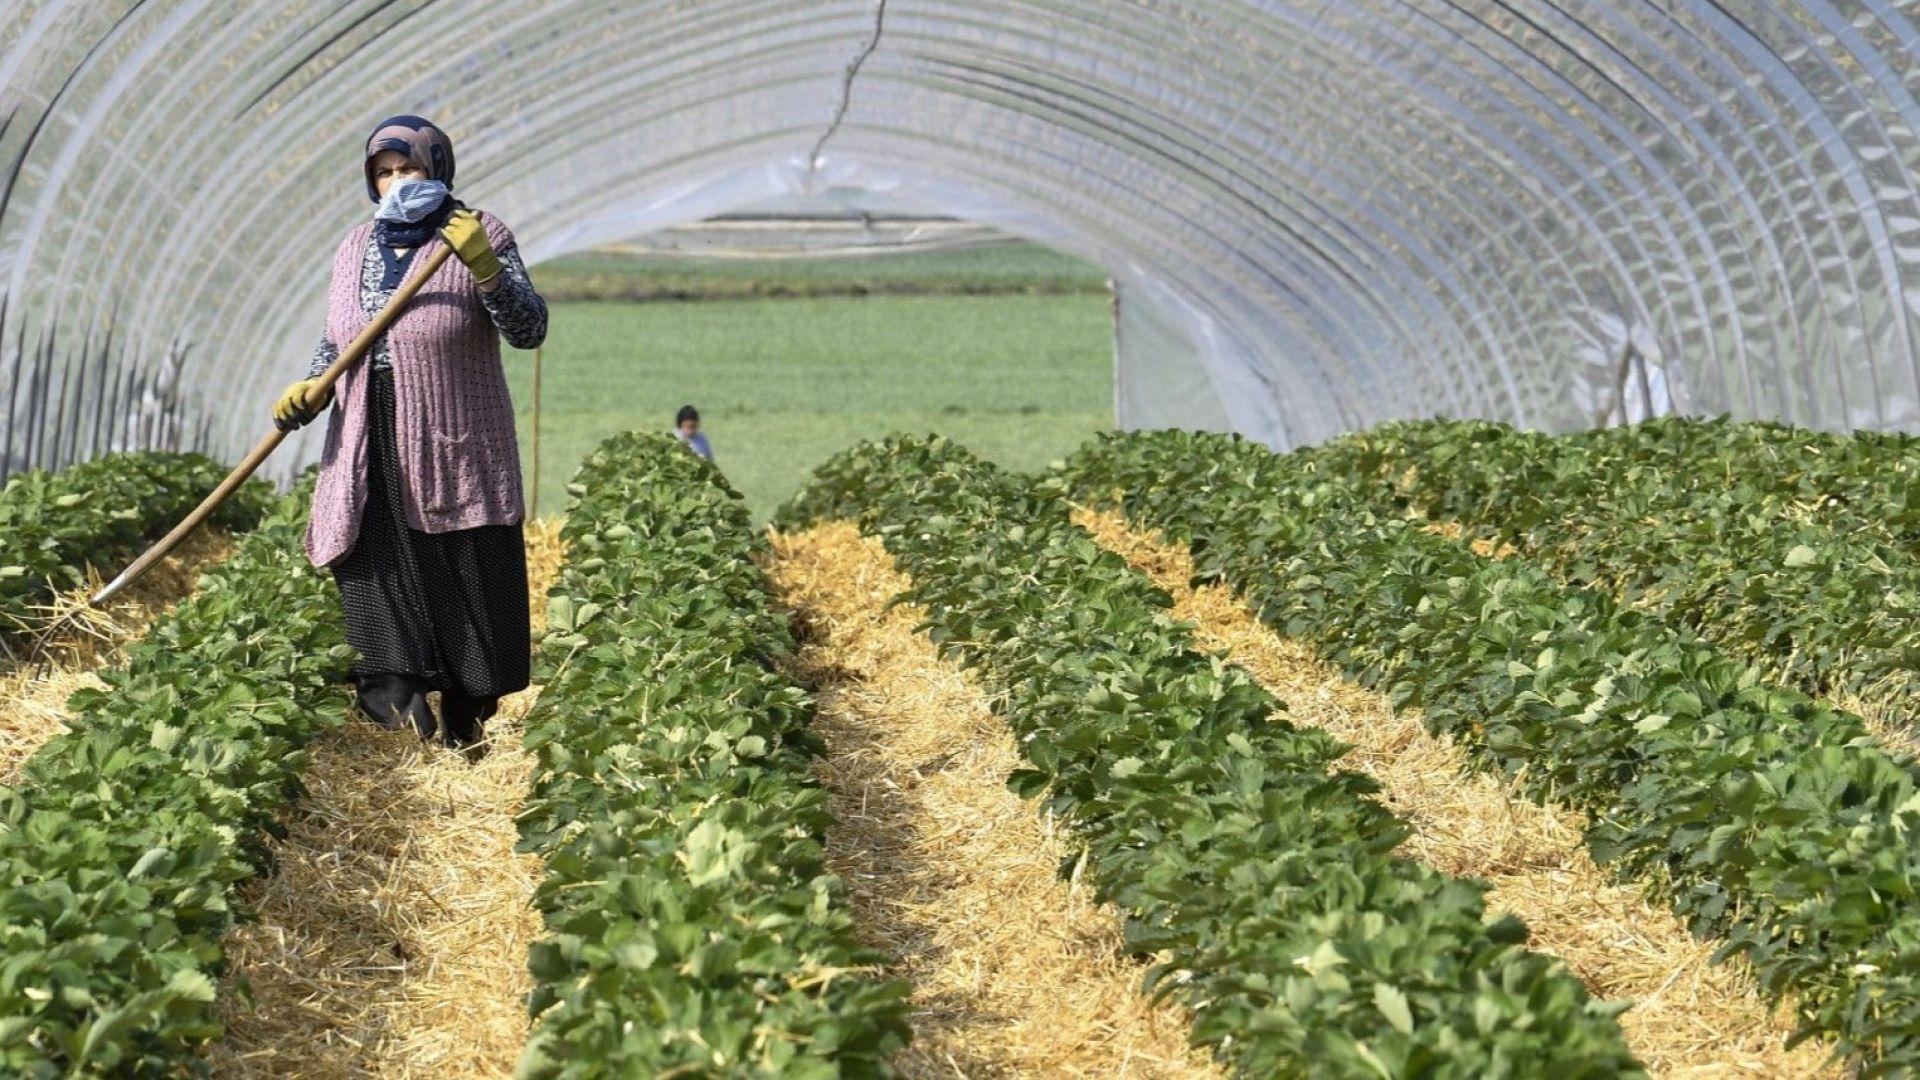 Нуждата от сезонни работници разчупва строгите правила в Европа